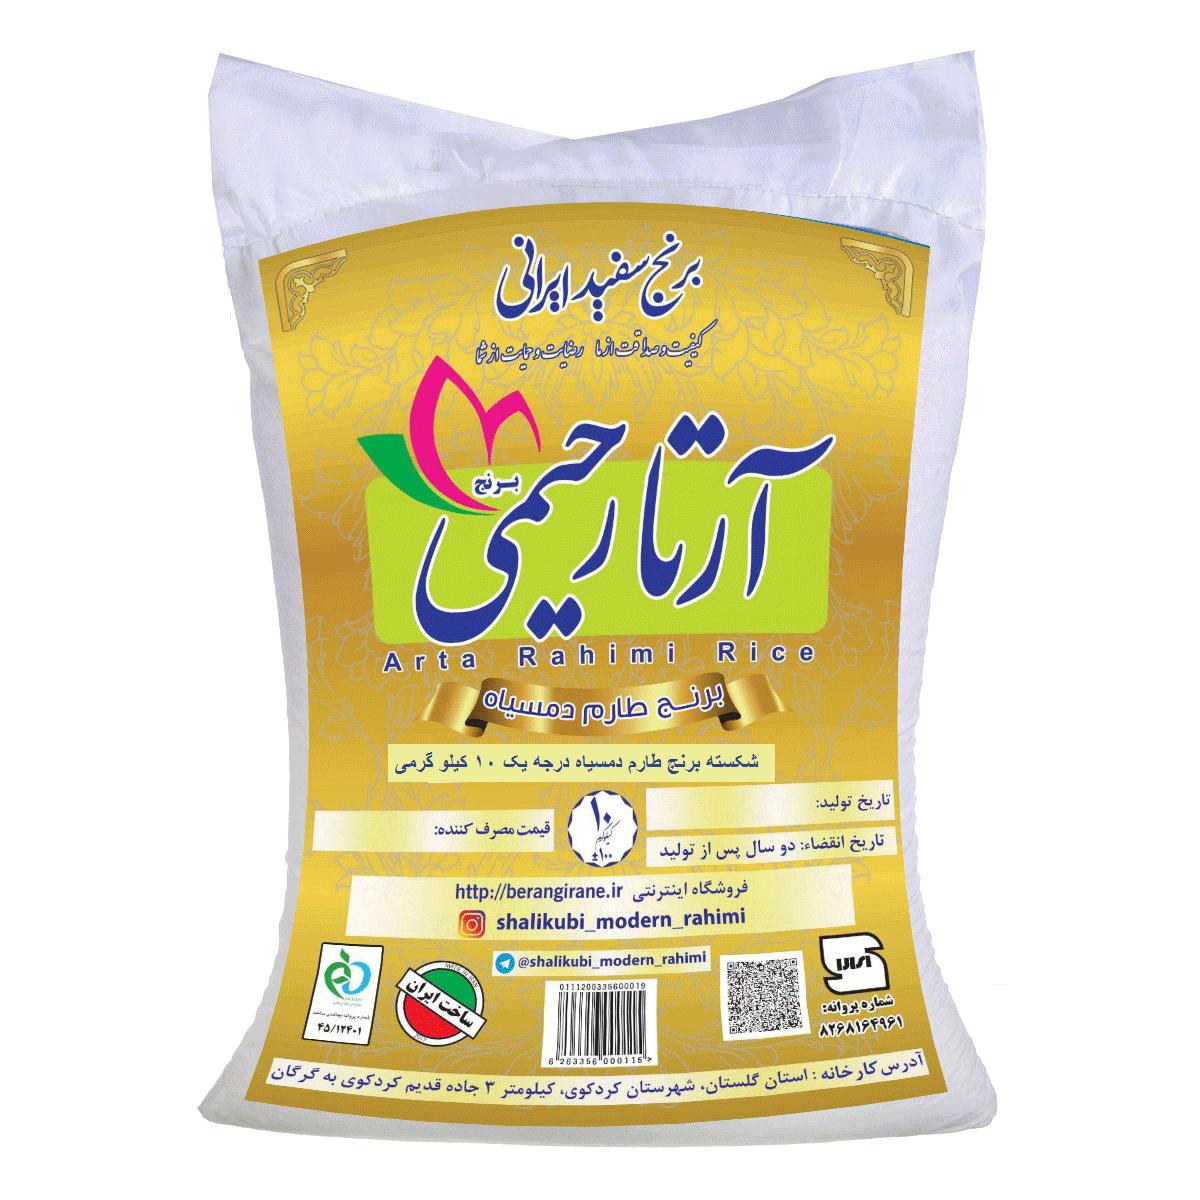 معطرترین برنج ایرانی کدام است؟